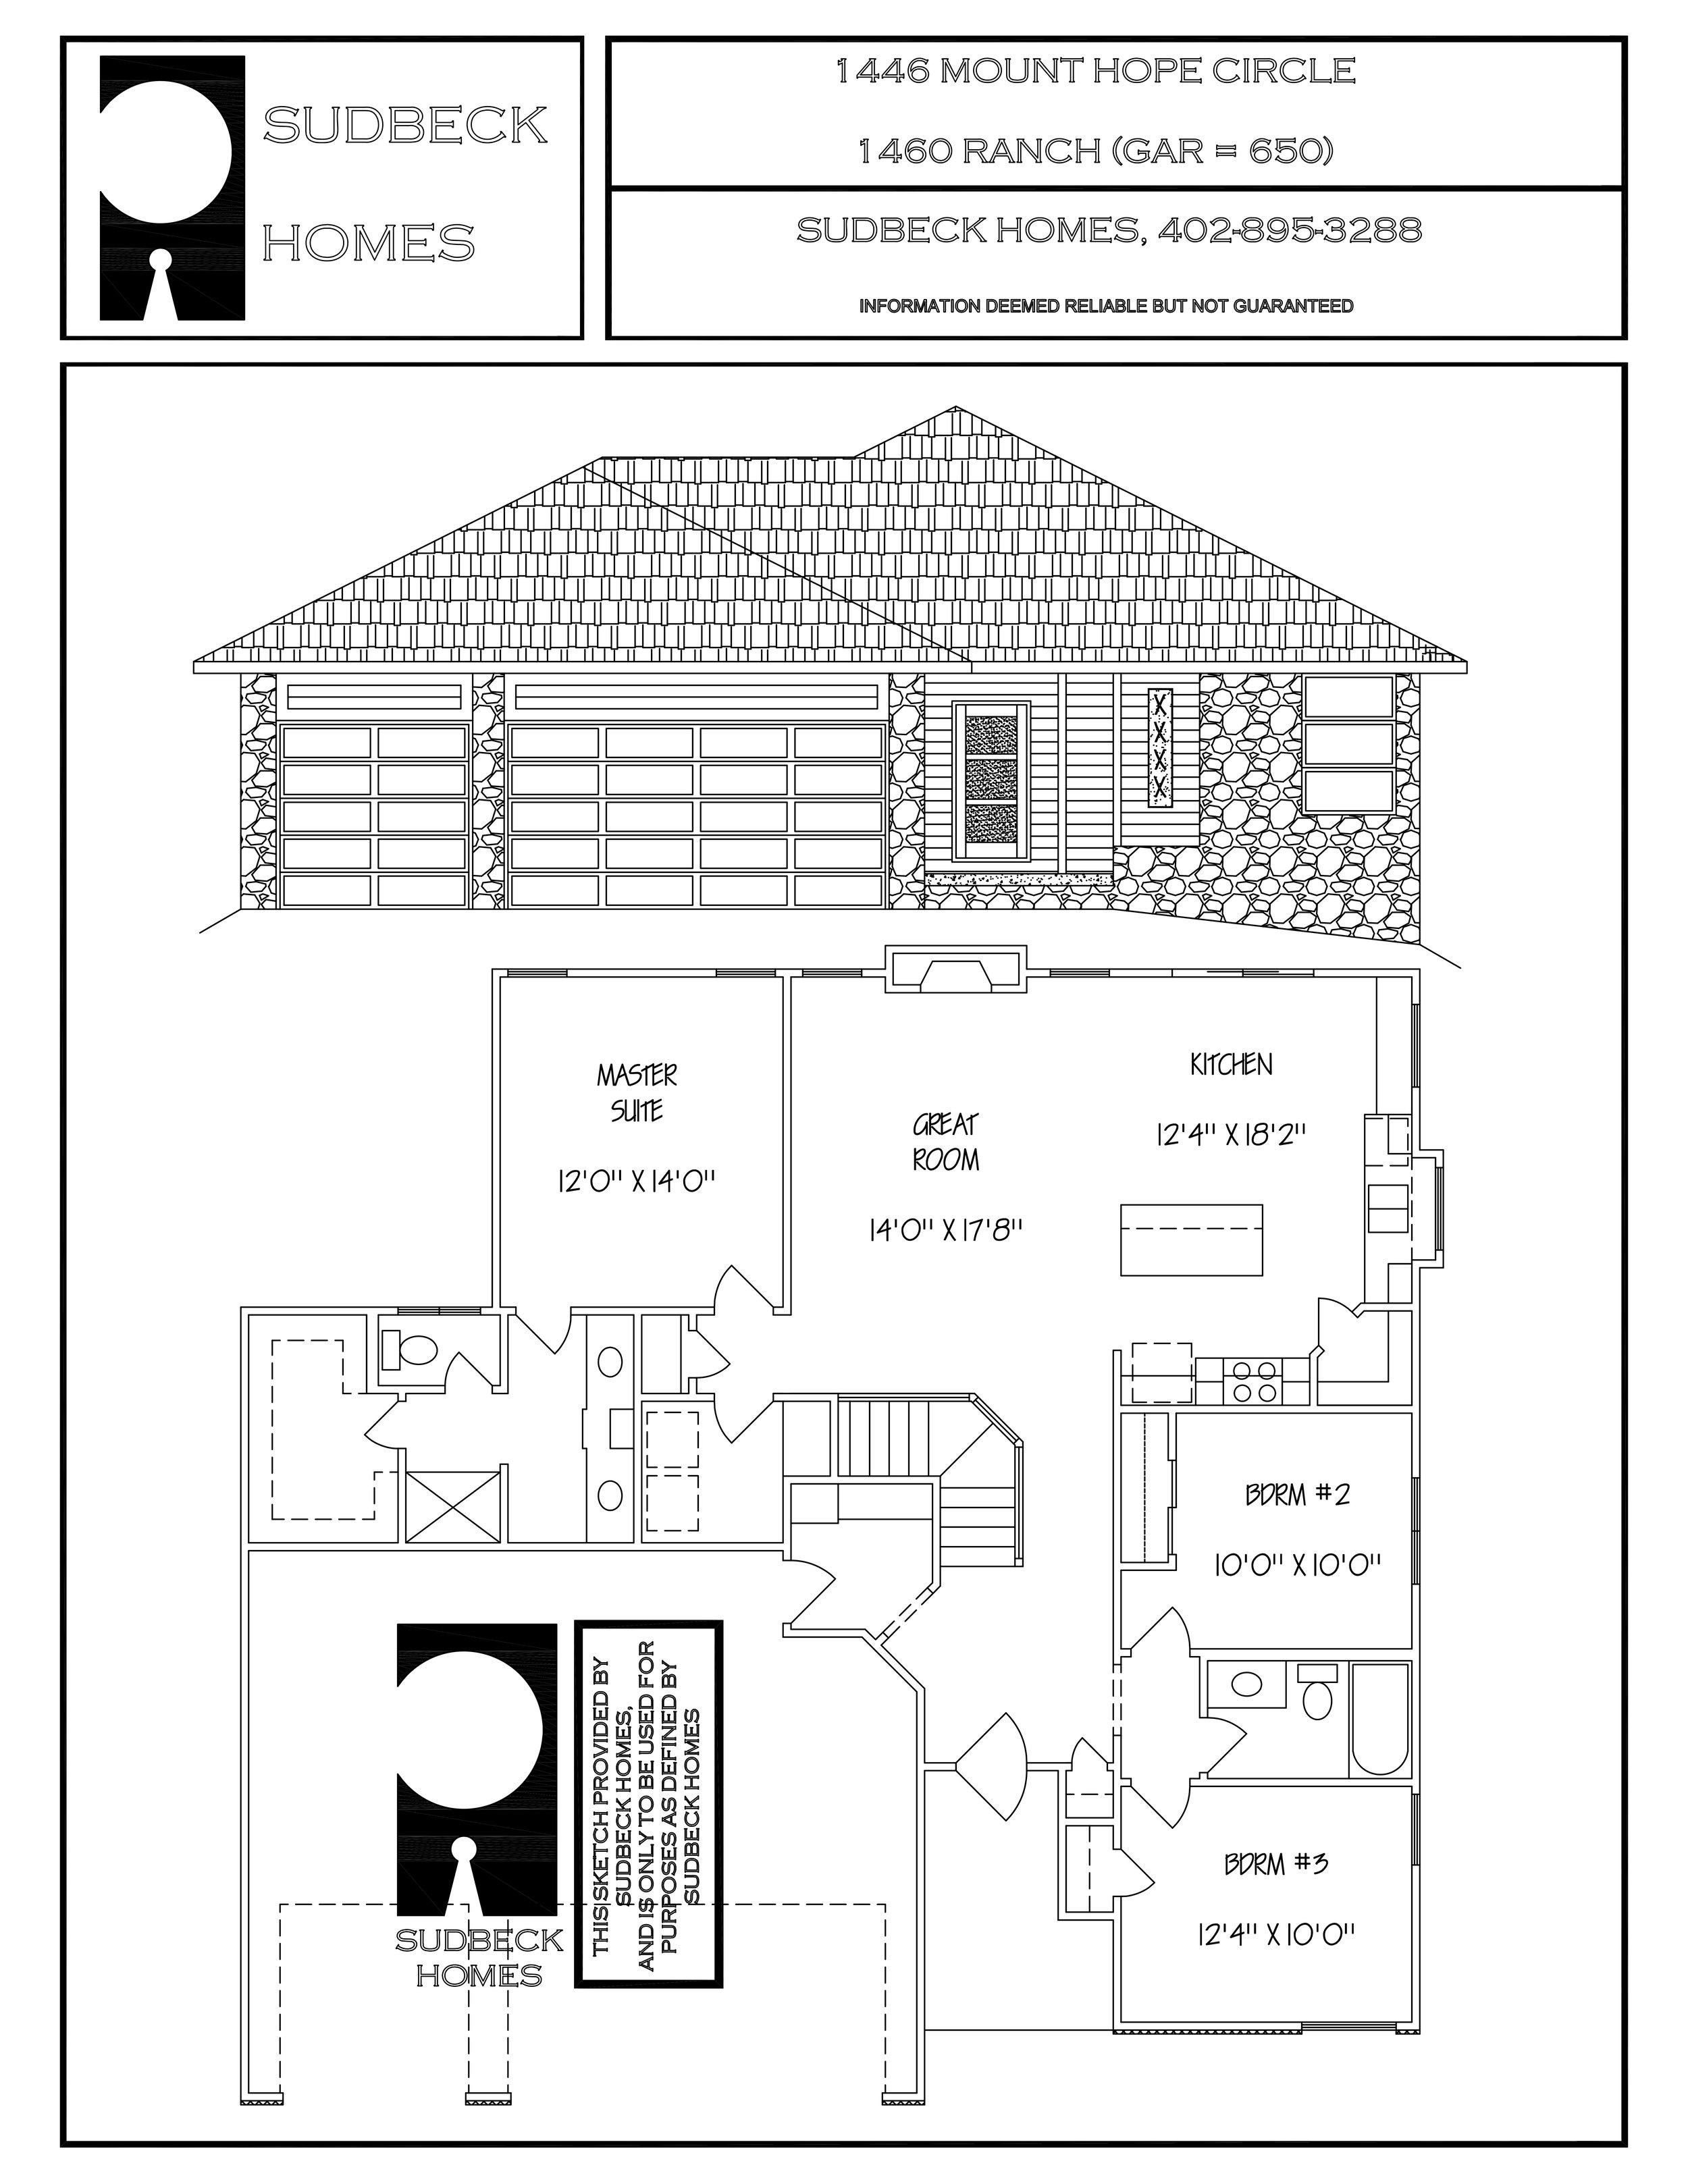 1446 Mount Hope Circle Floorplan.jpg